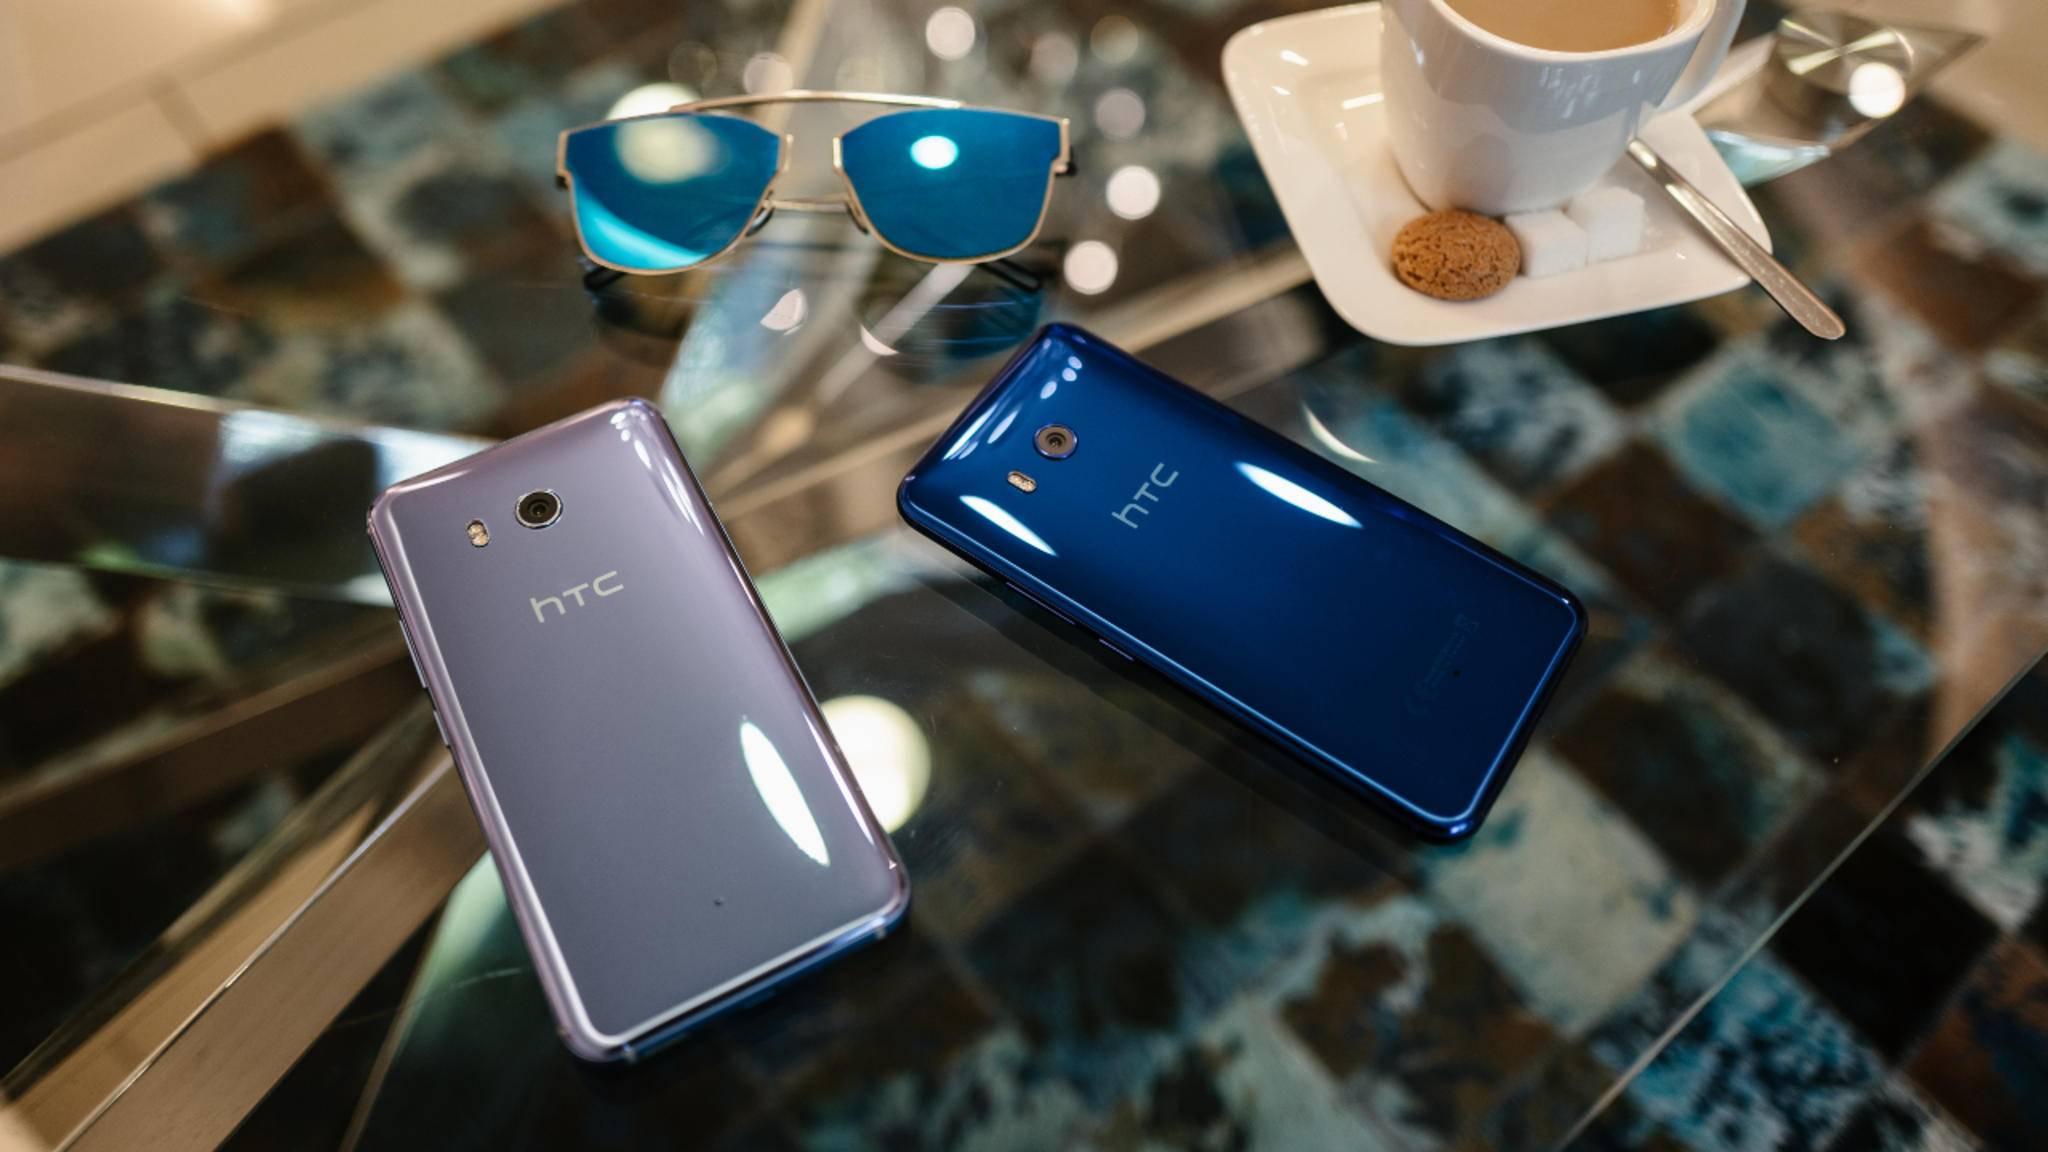 Verbesserte Kamera und stärkere Leistung sind nur zwei Punkte, in denen sich das HTC U11 vom HTC 10 unterscheidet.